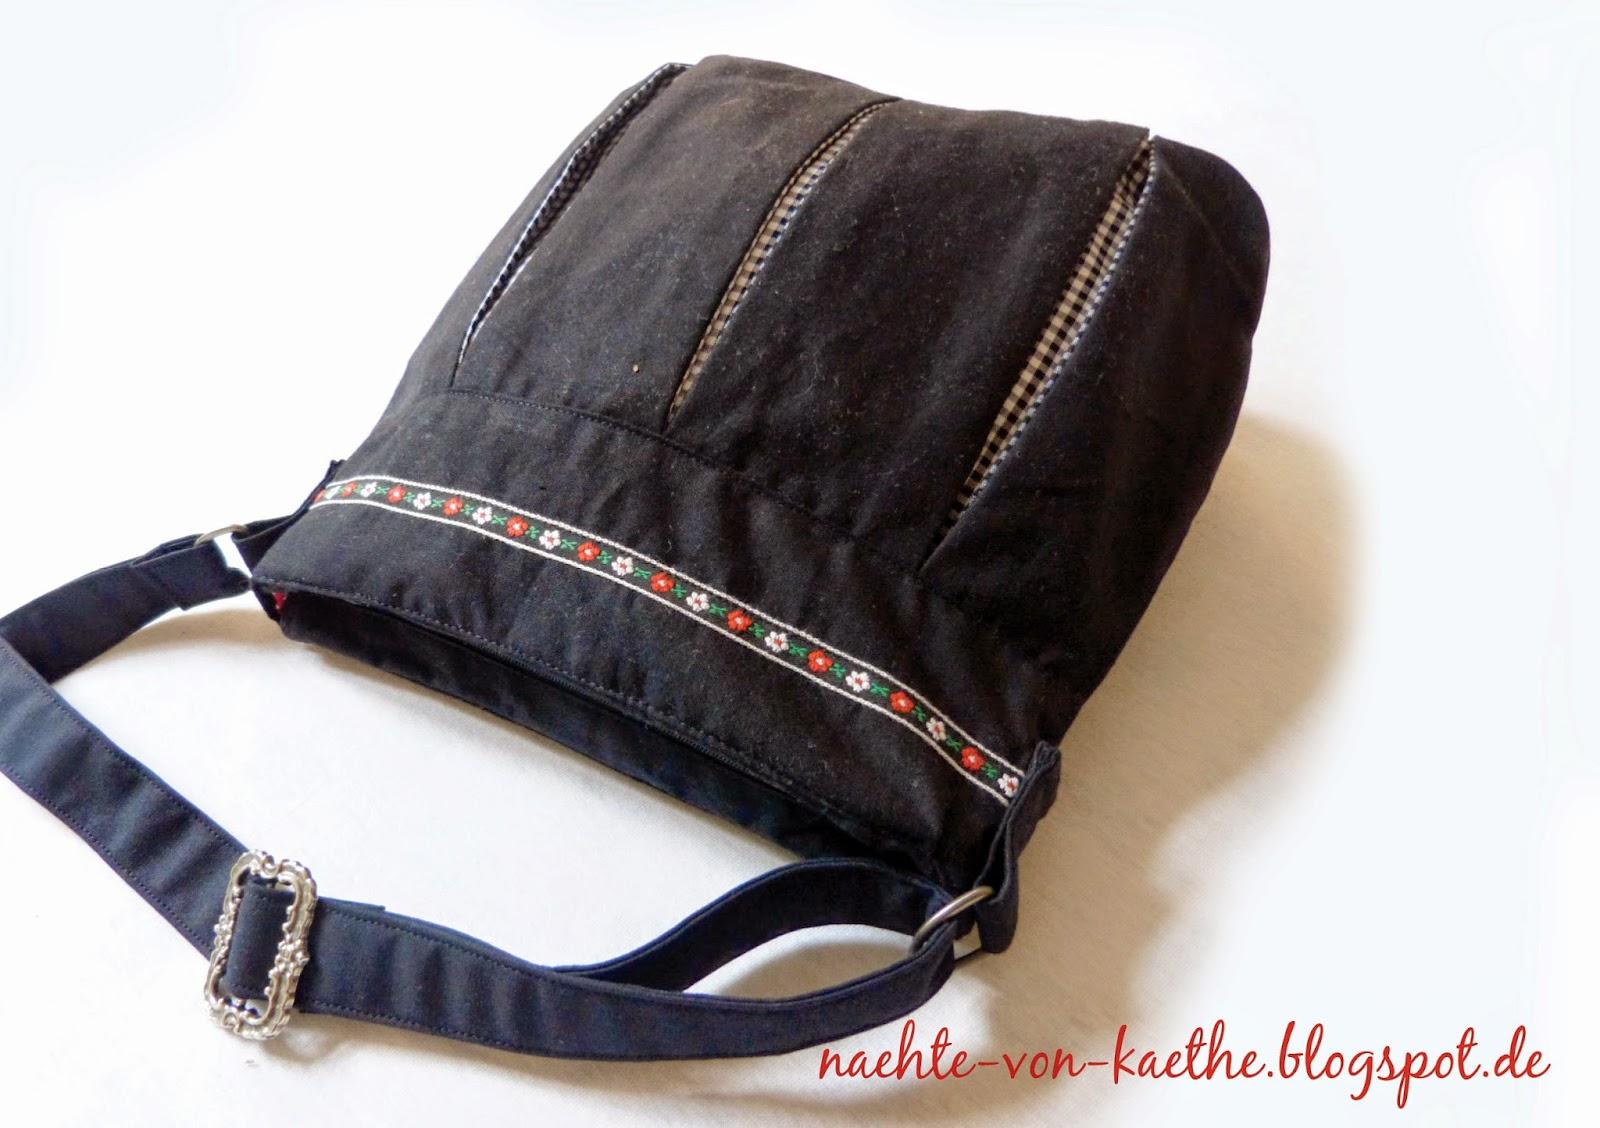 Pattydoo-Susi als Handtasche in schwarz mit Webband verziert und Reißverschluss